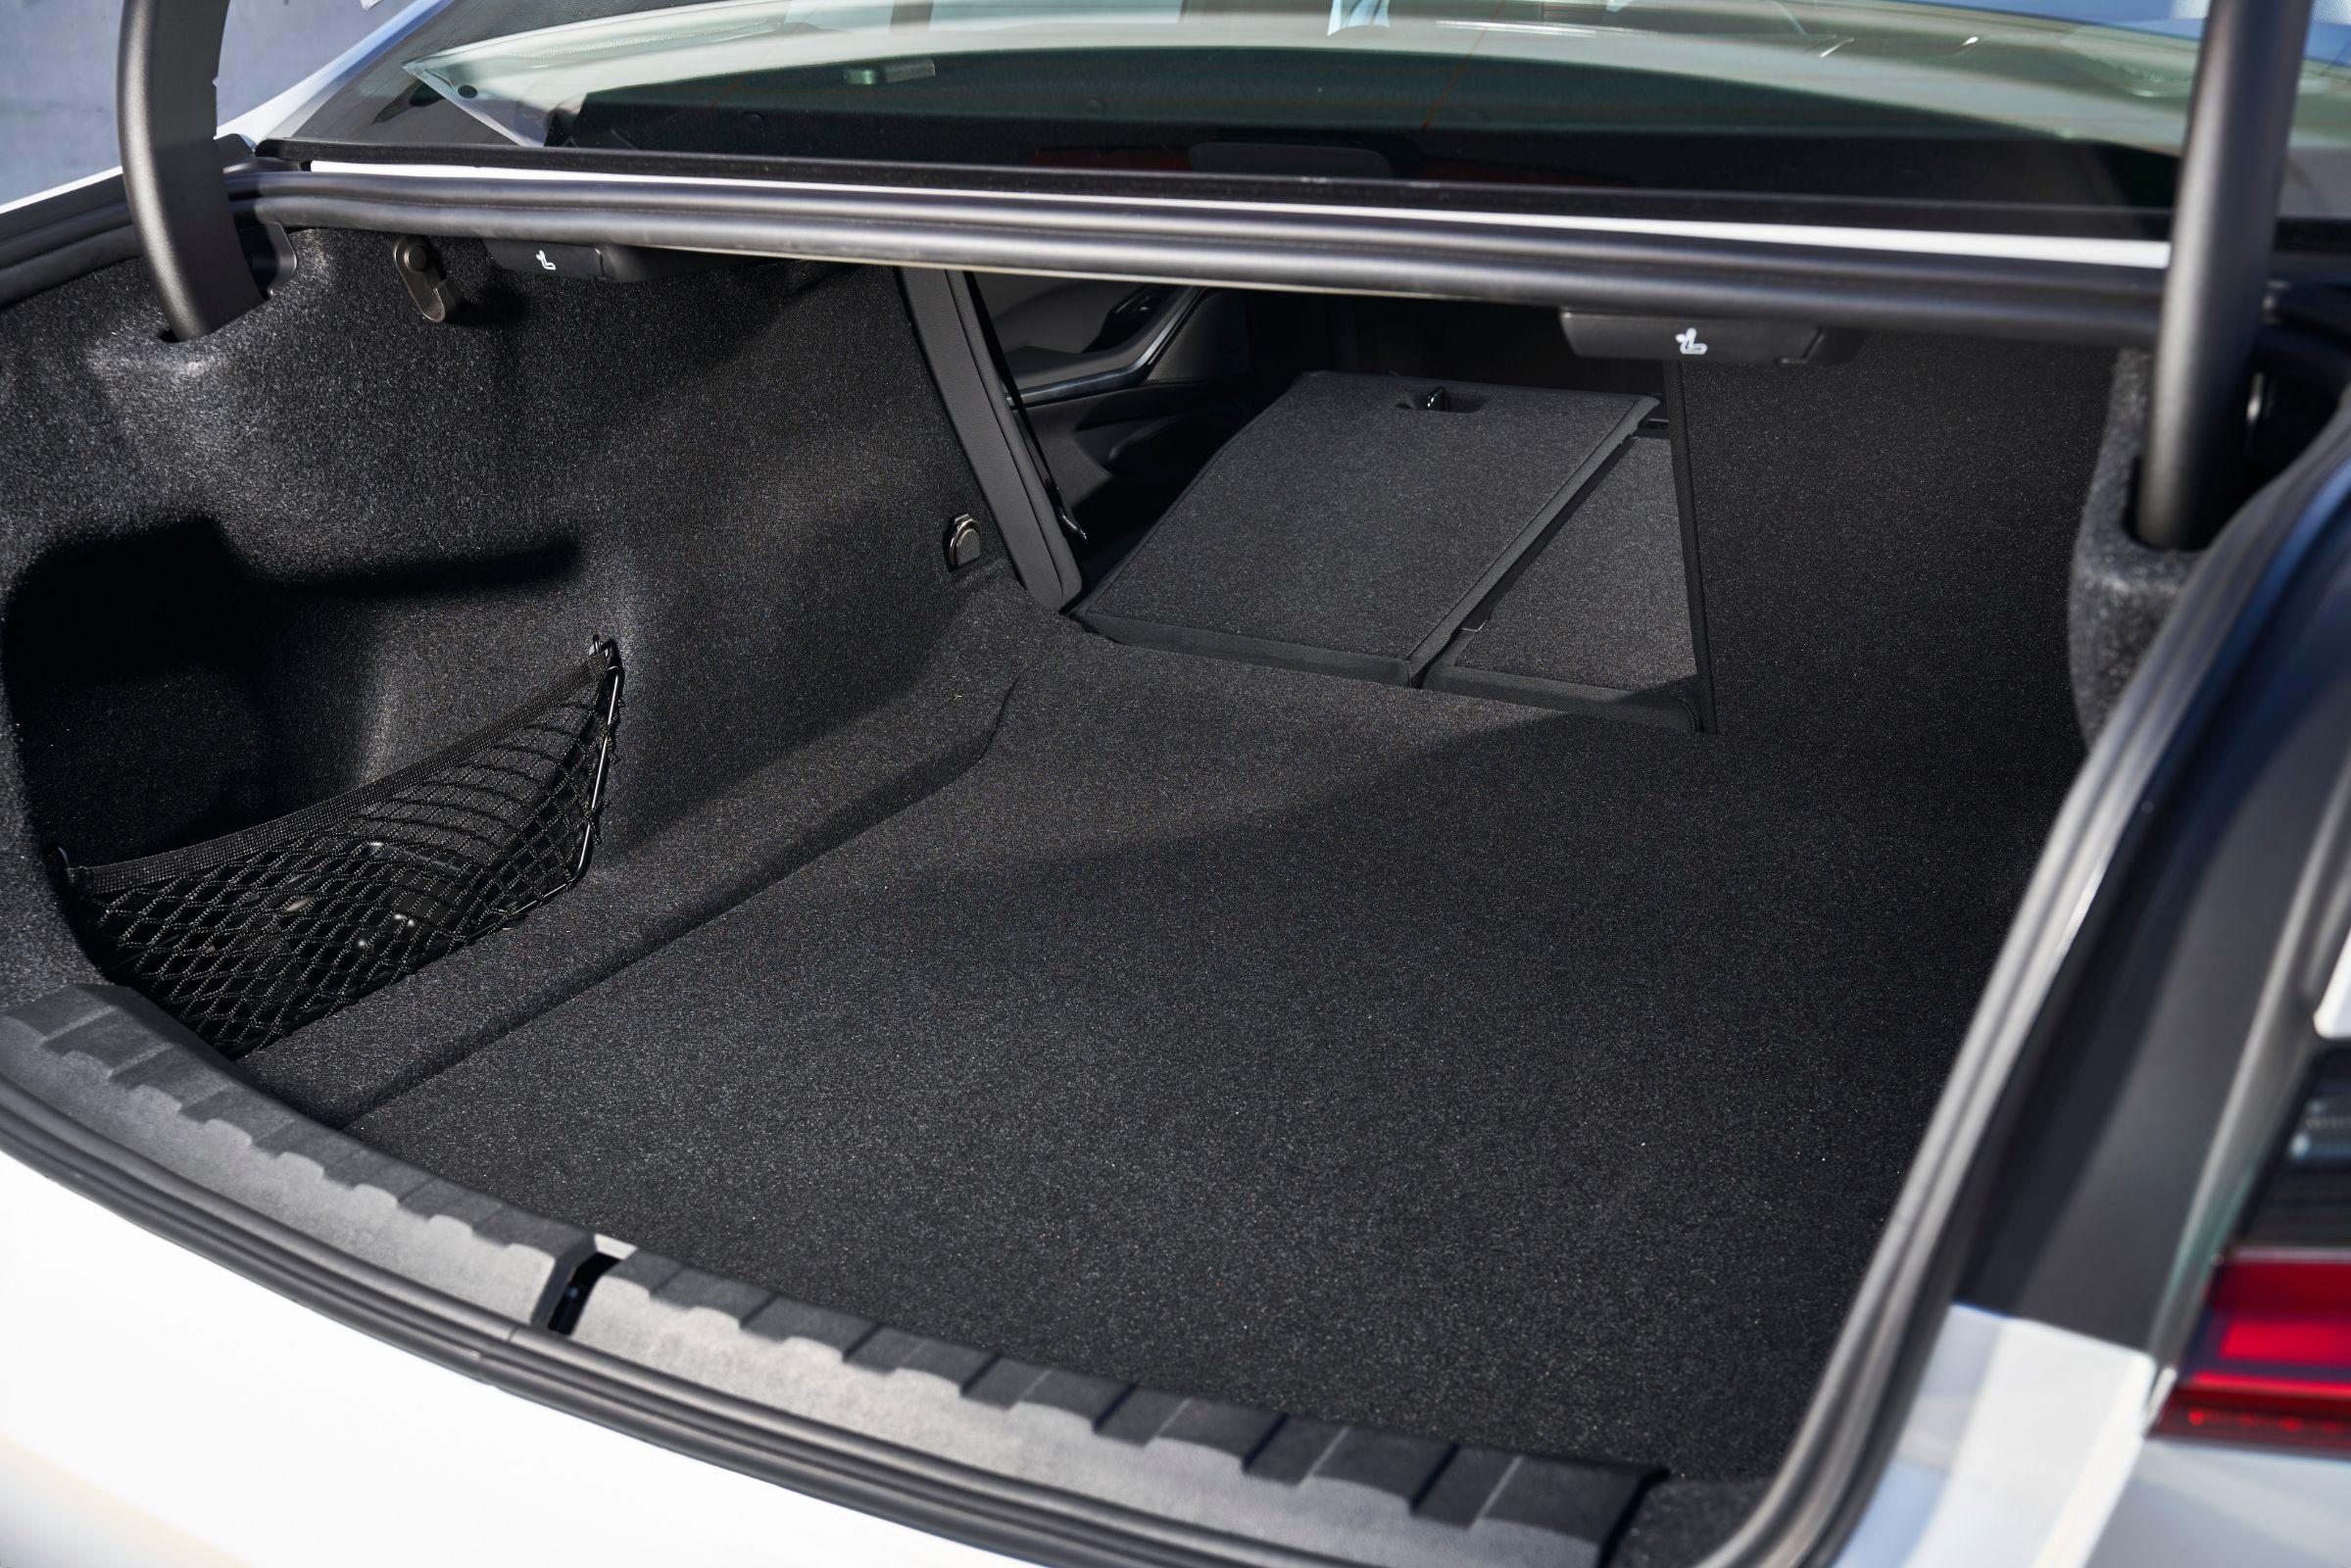 Carro PcD: além do espaço, abertura do porta-malas é importante